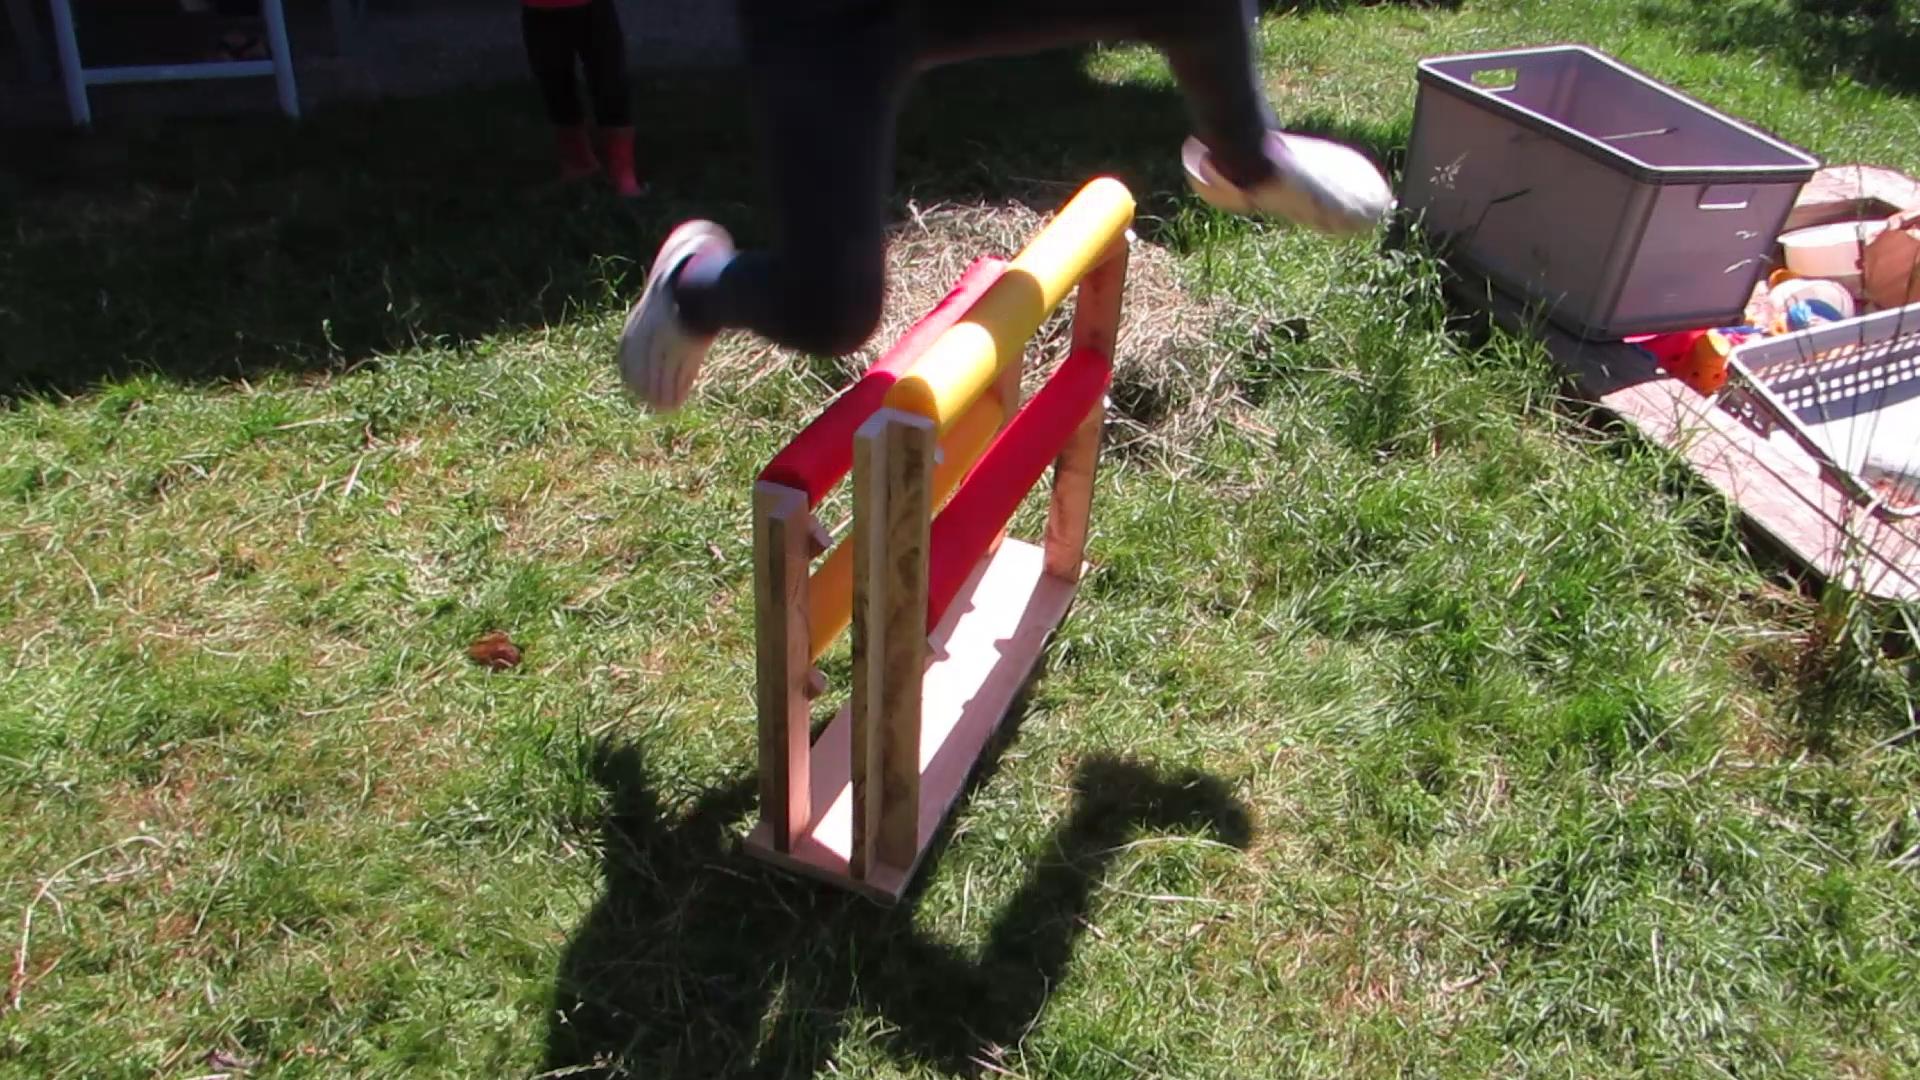 Kind springt über ein Gartenhindernis.